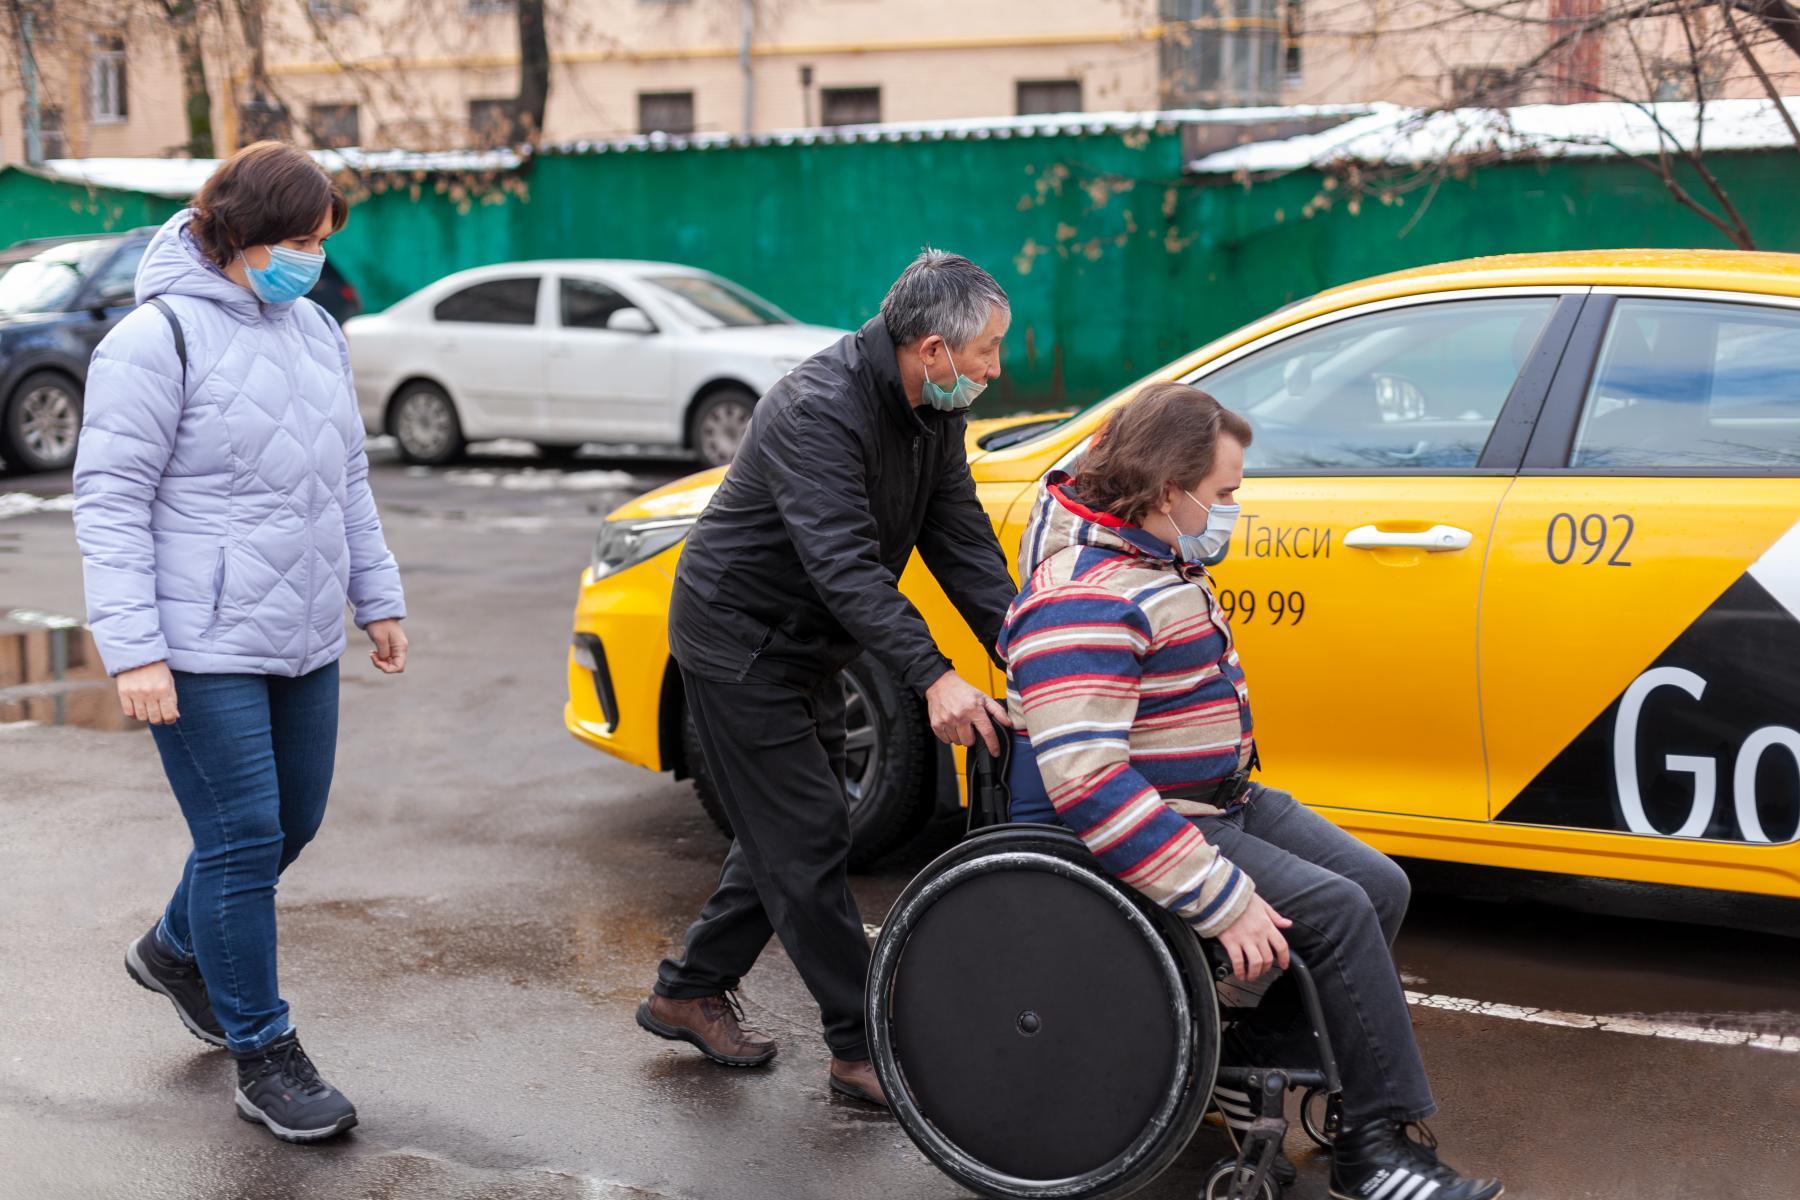 Яндекс запустил проект «Помощь рядом» в Казани